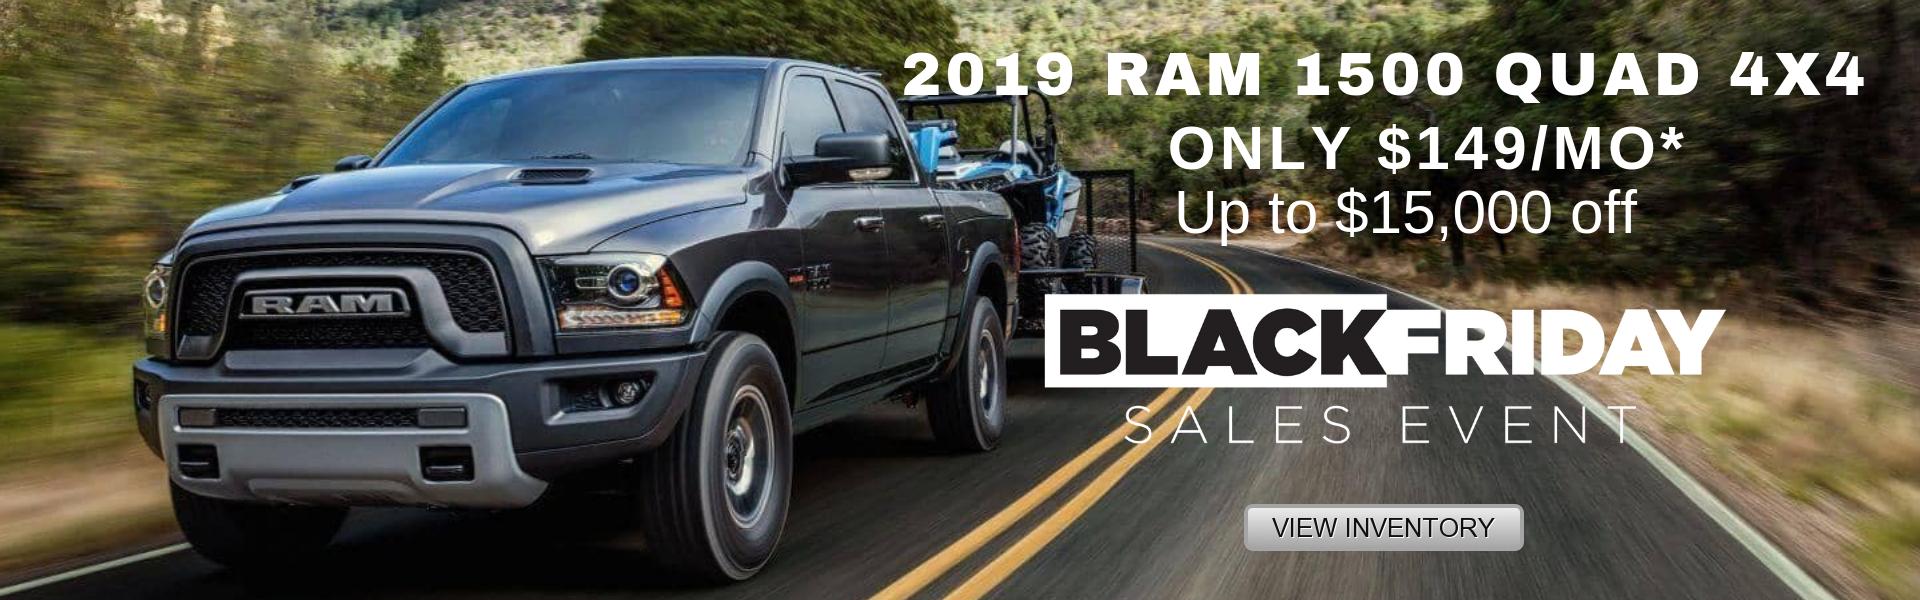 2019 RAM 1500 QUAD 4X4